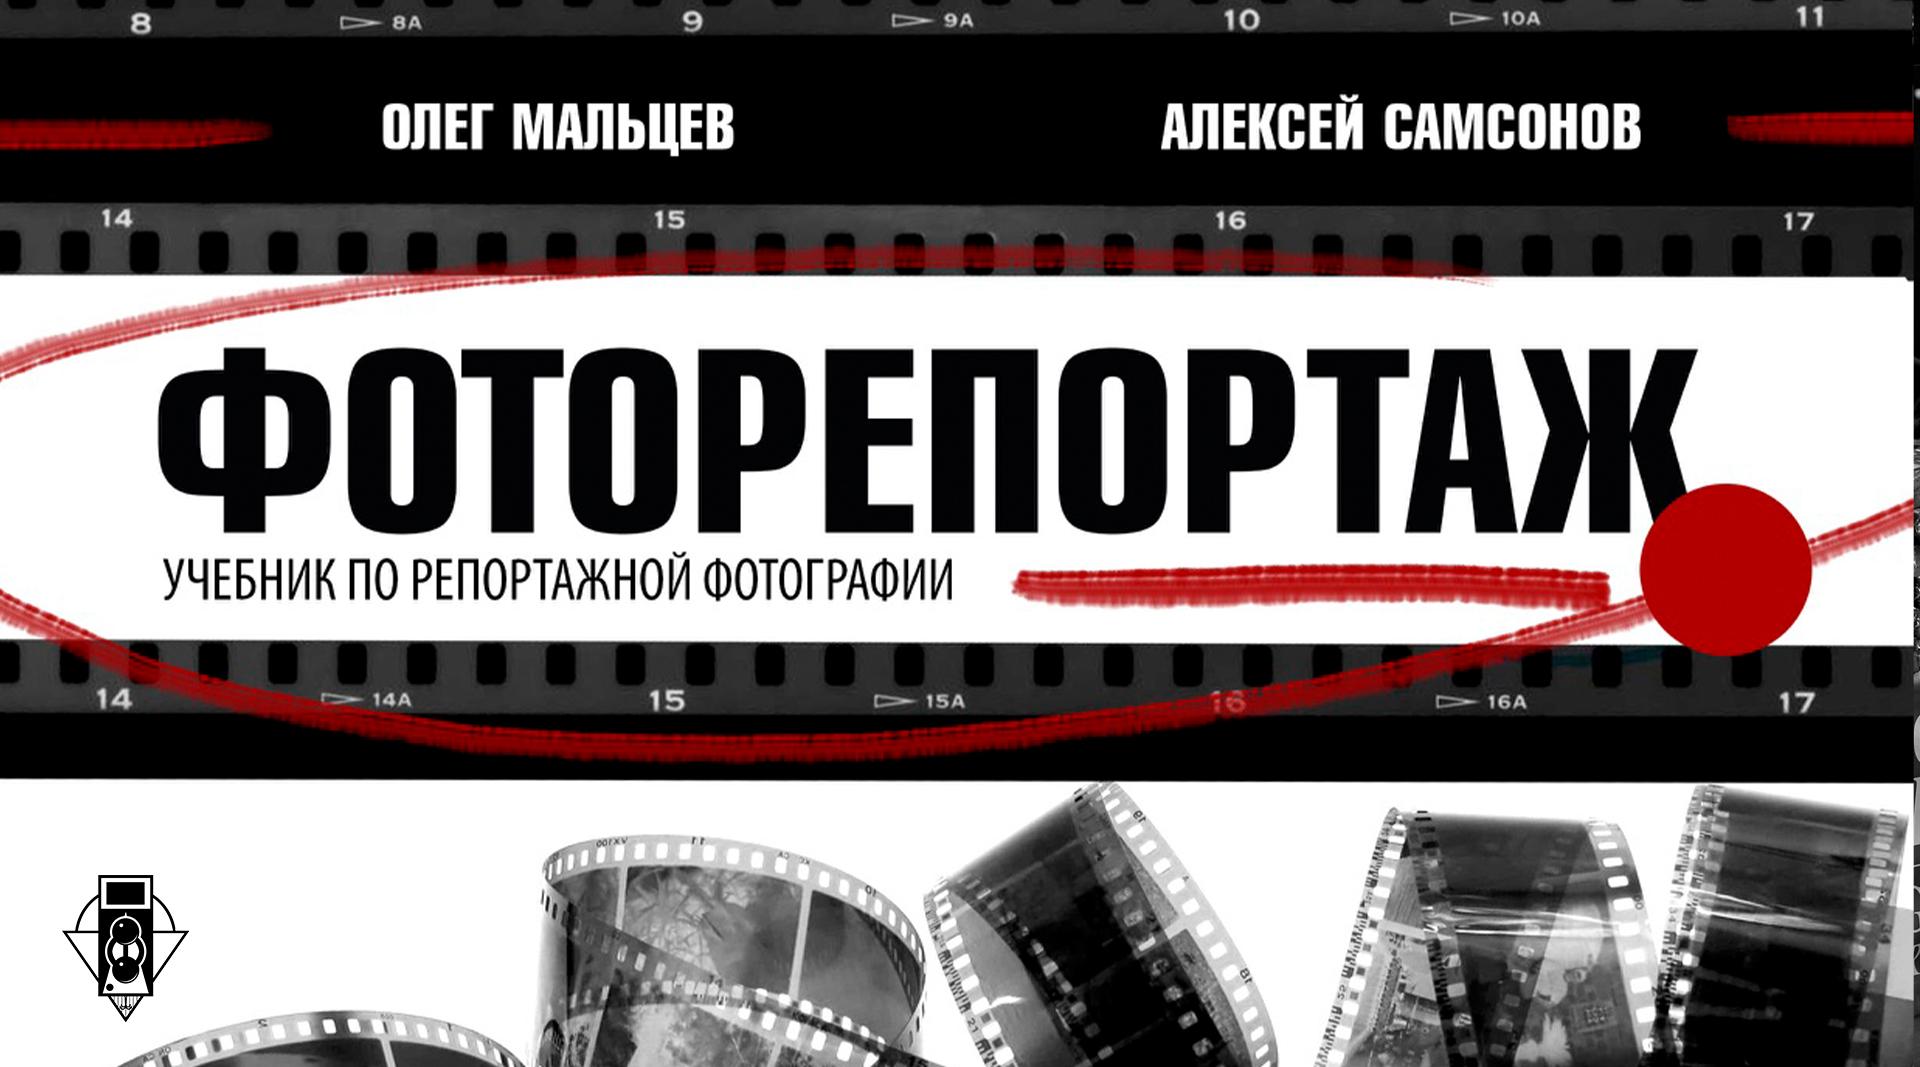 Книга «Фоторепортаж. Учебник по репортажной фотографии». 2020